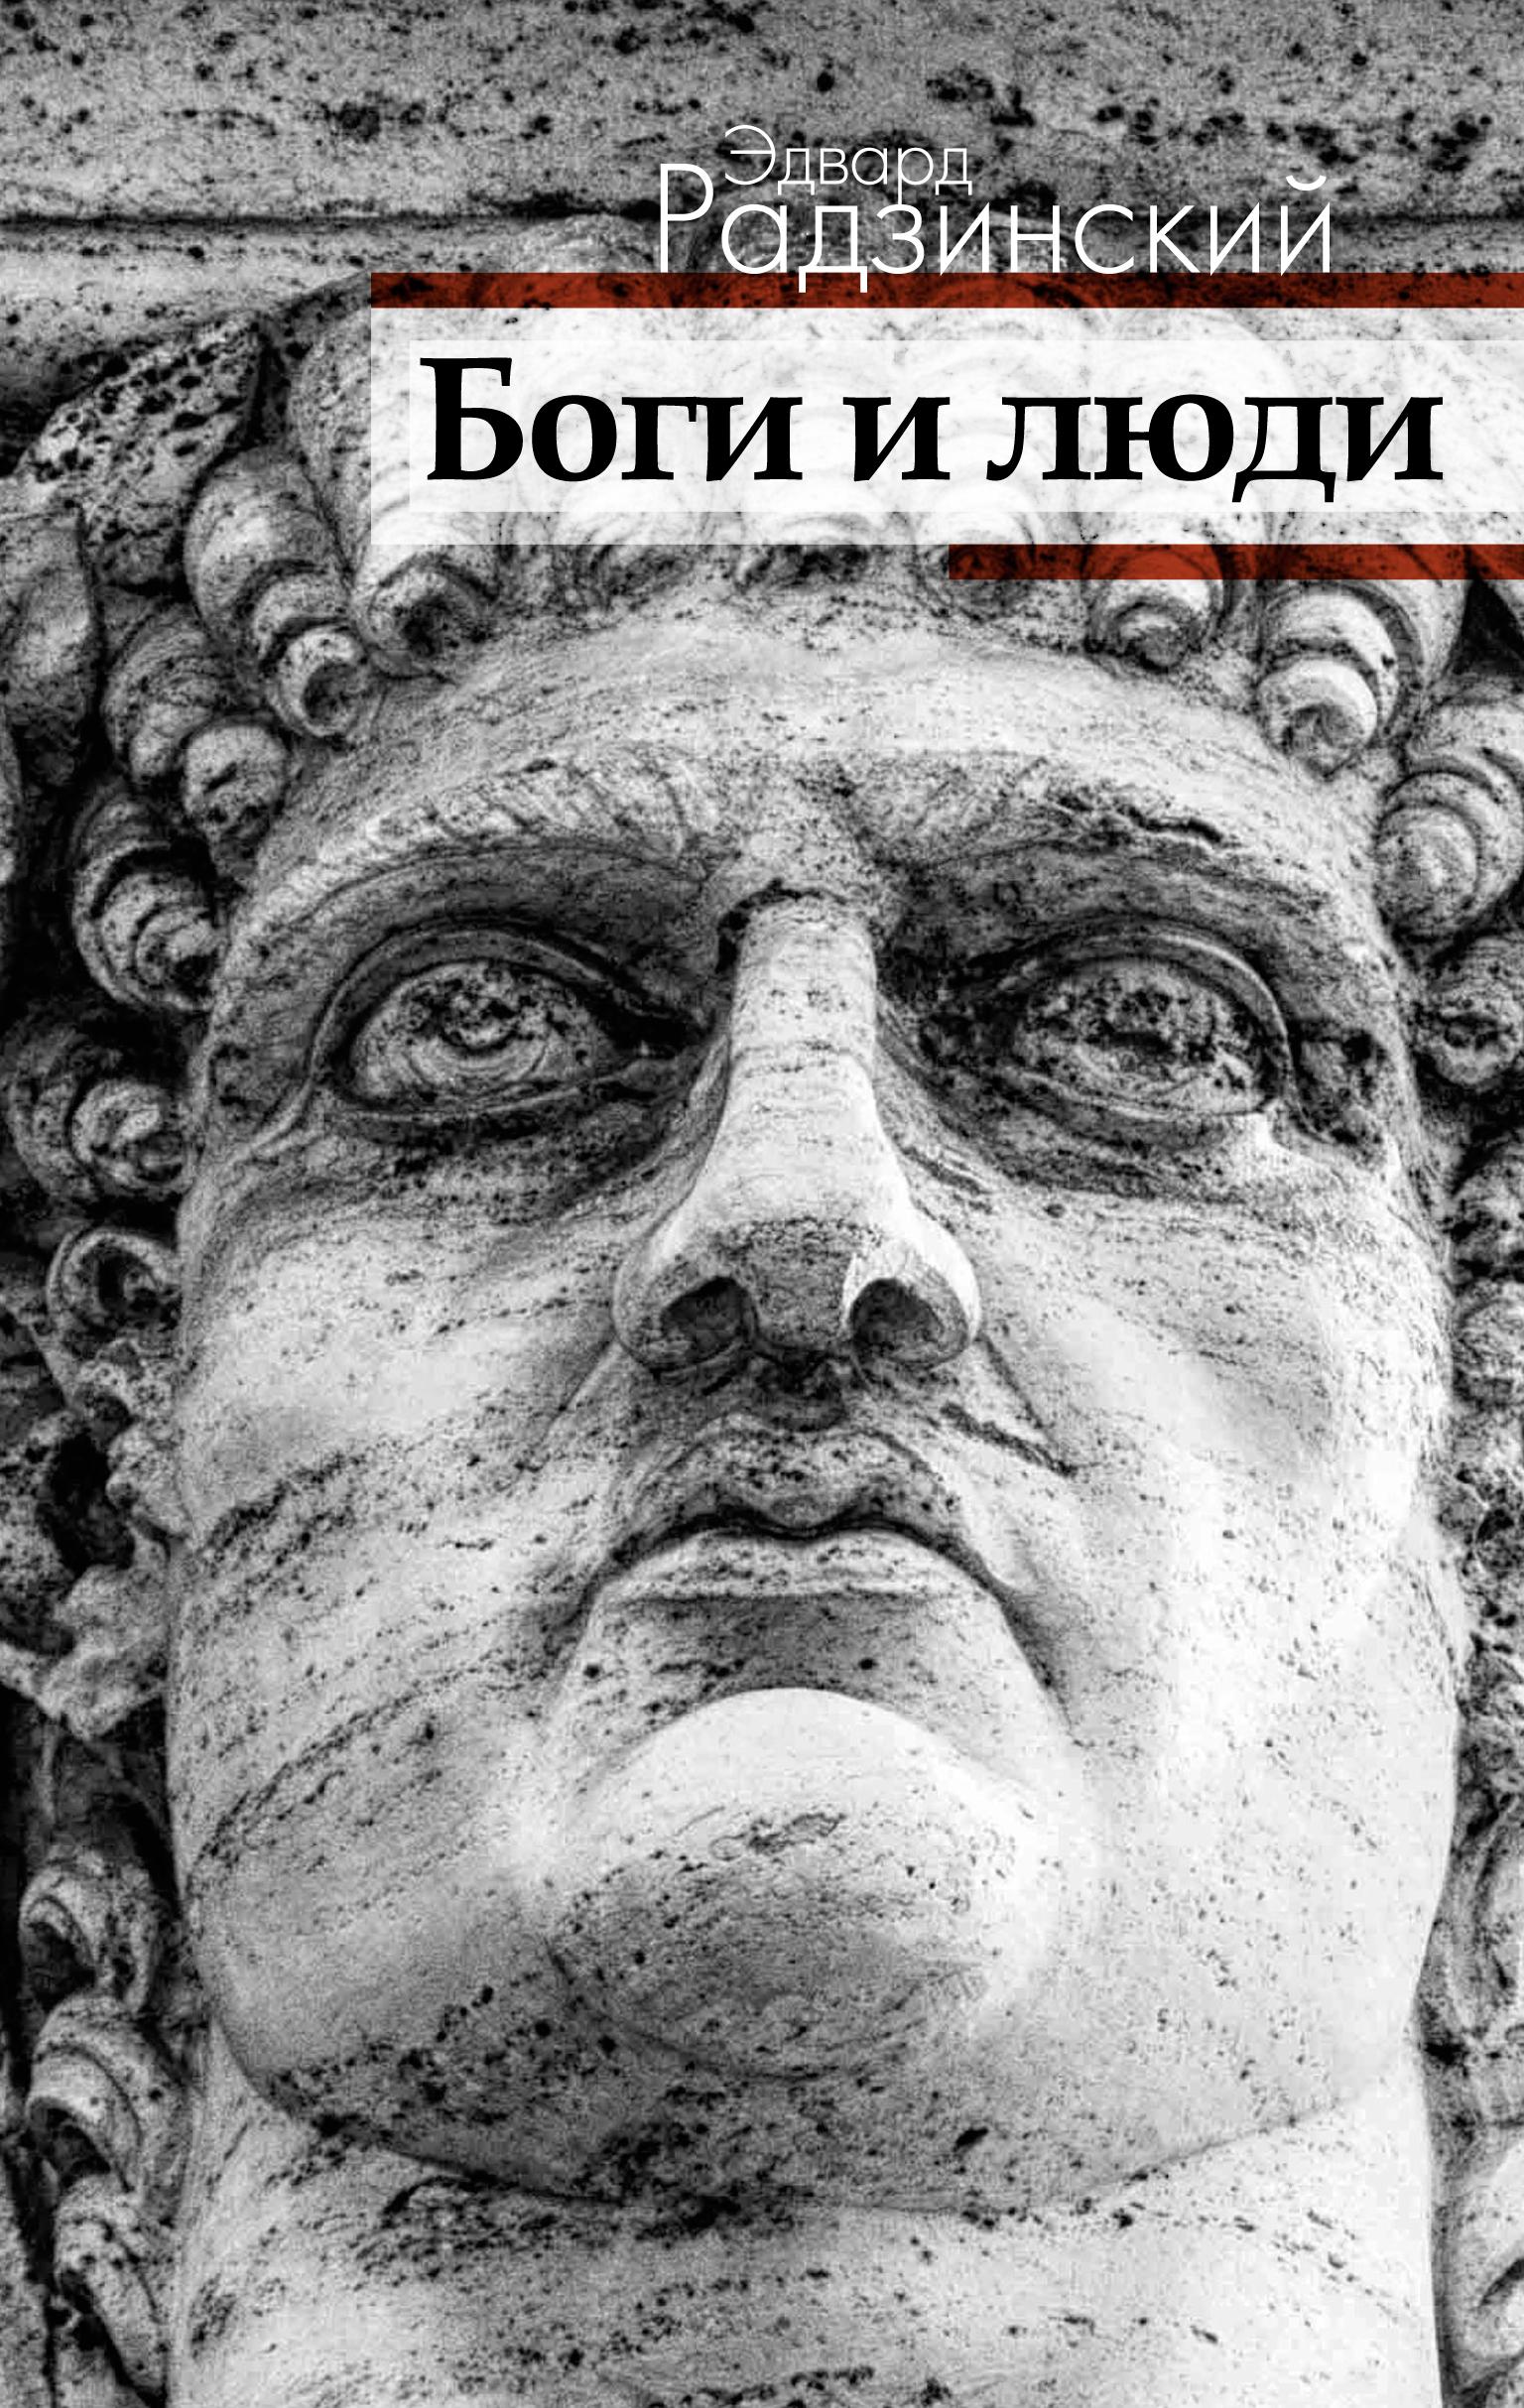 Эдвард Радзинский Боги и люди эдвард радзинский династия без грима романовы выпуск 2